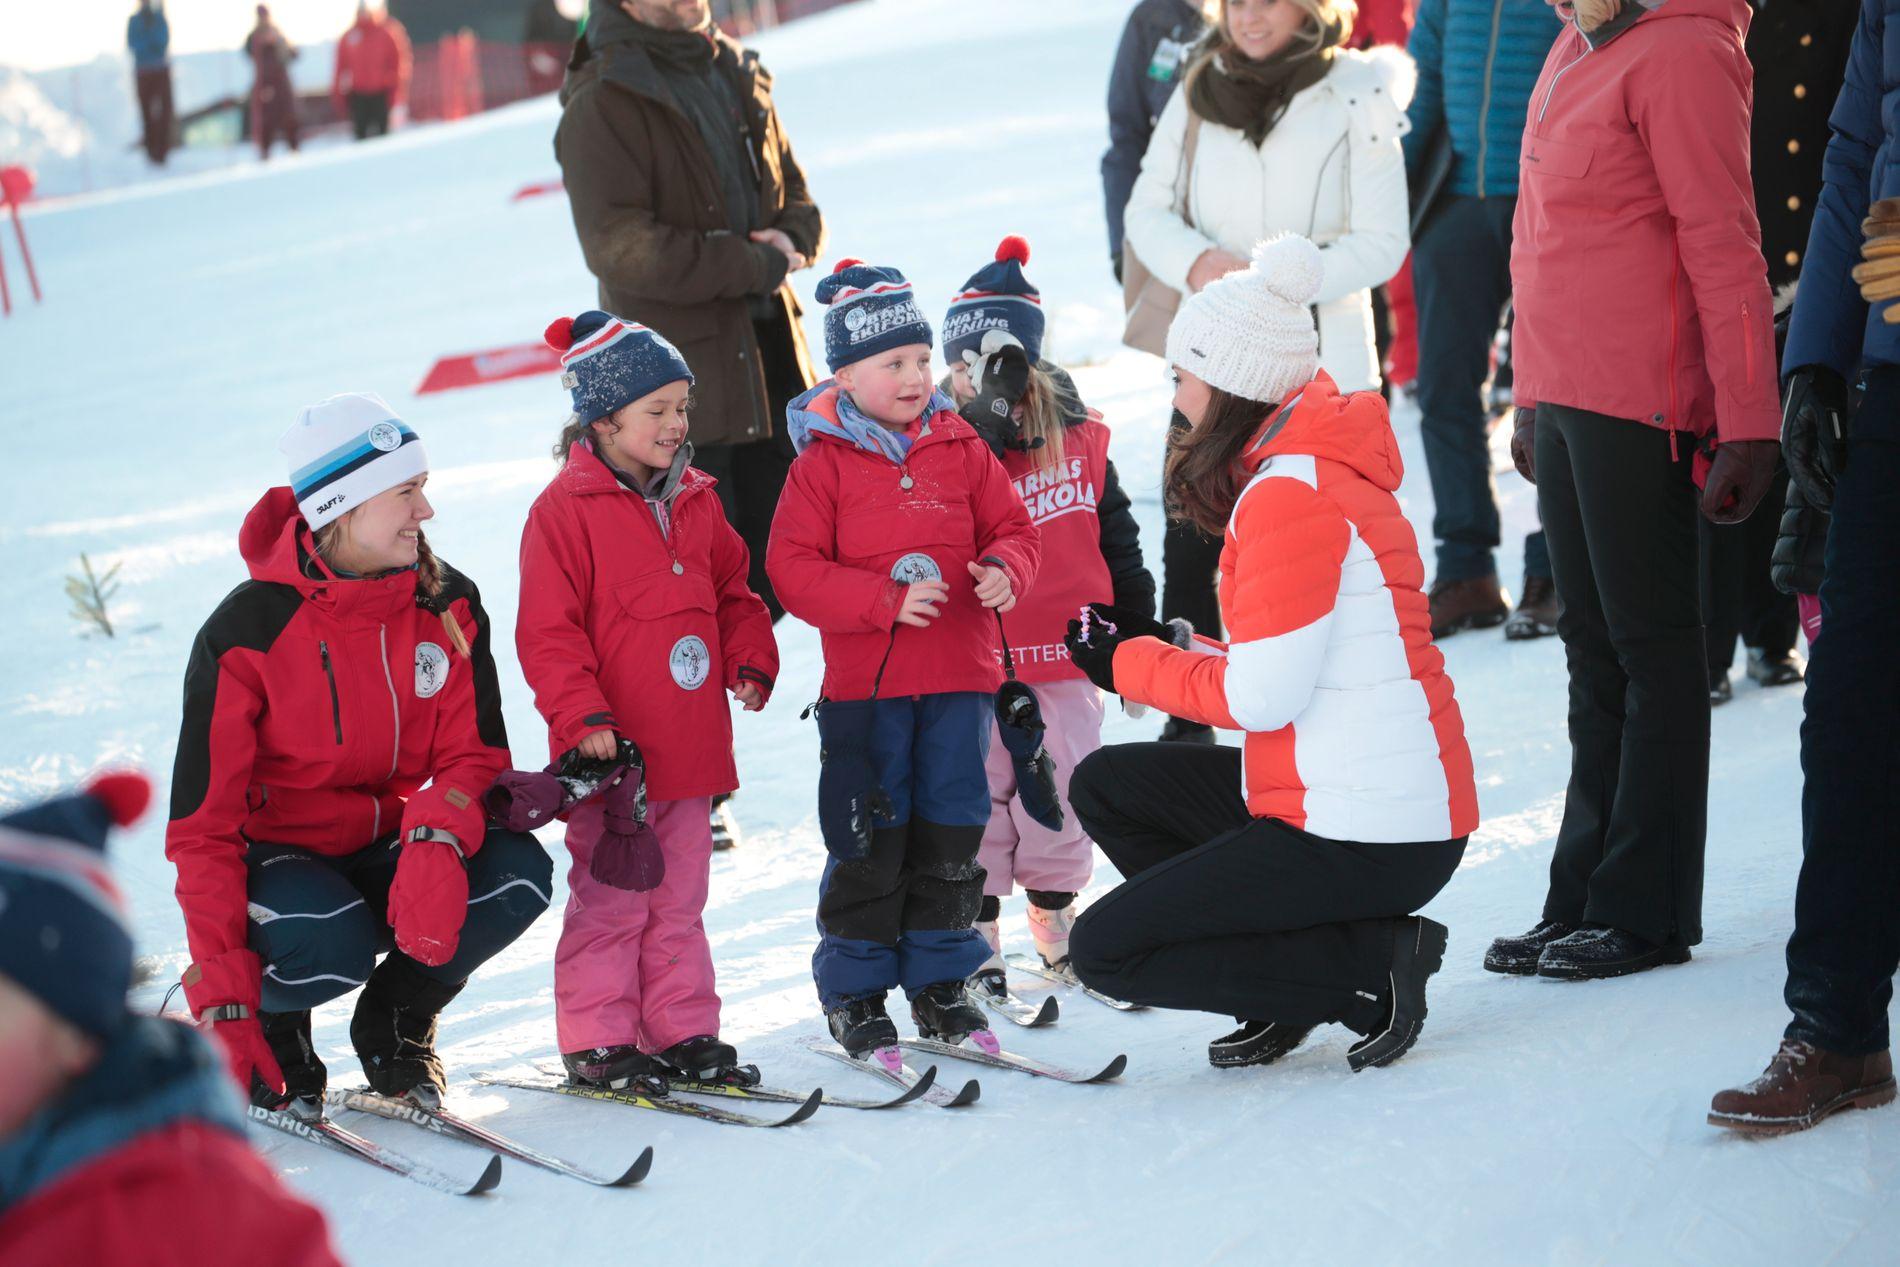 HYGGELIG PRAT: Hertuginne Kate tok seg god tid til å prate med barna. Foto: Scanpix